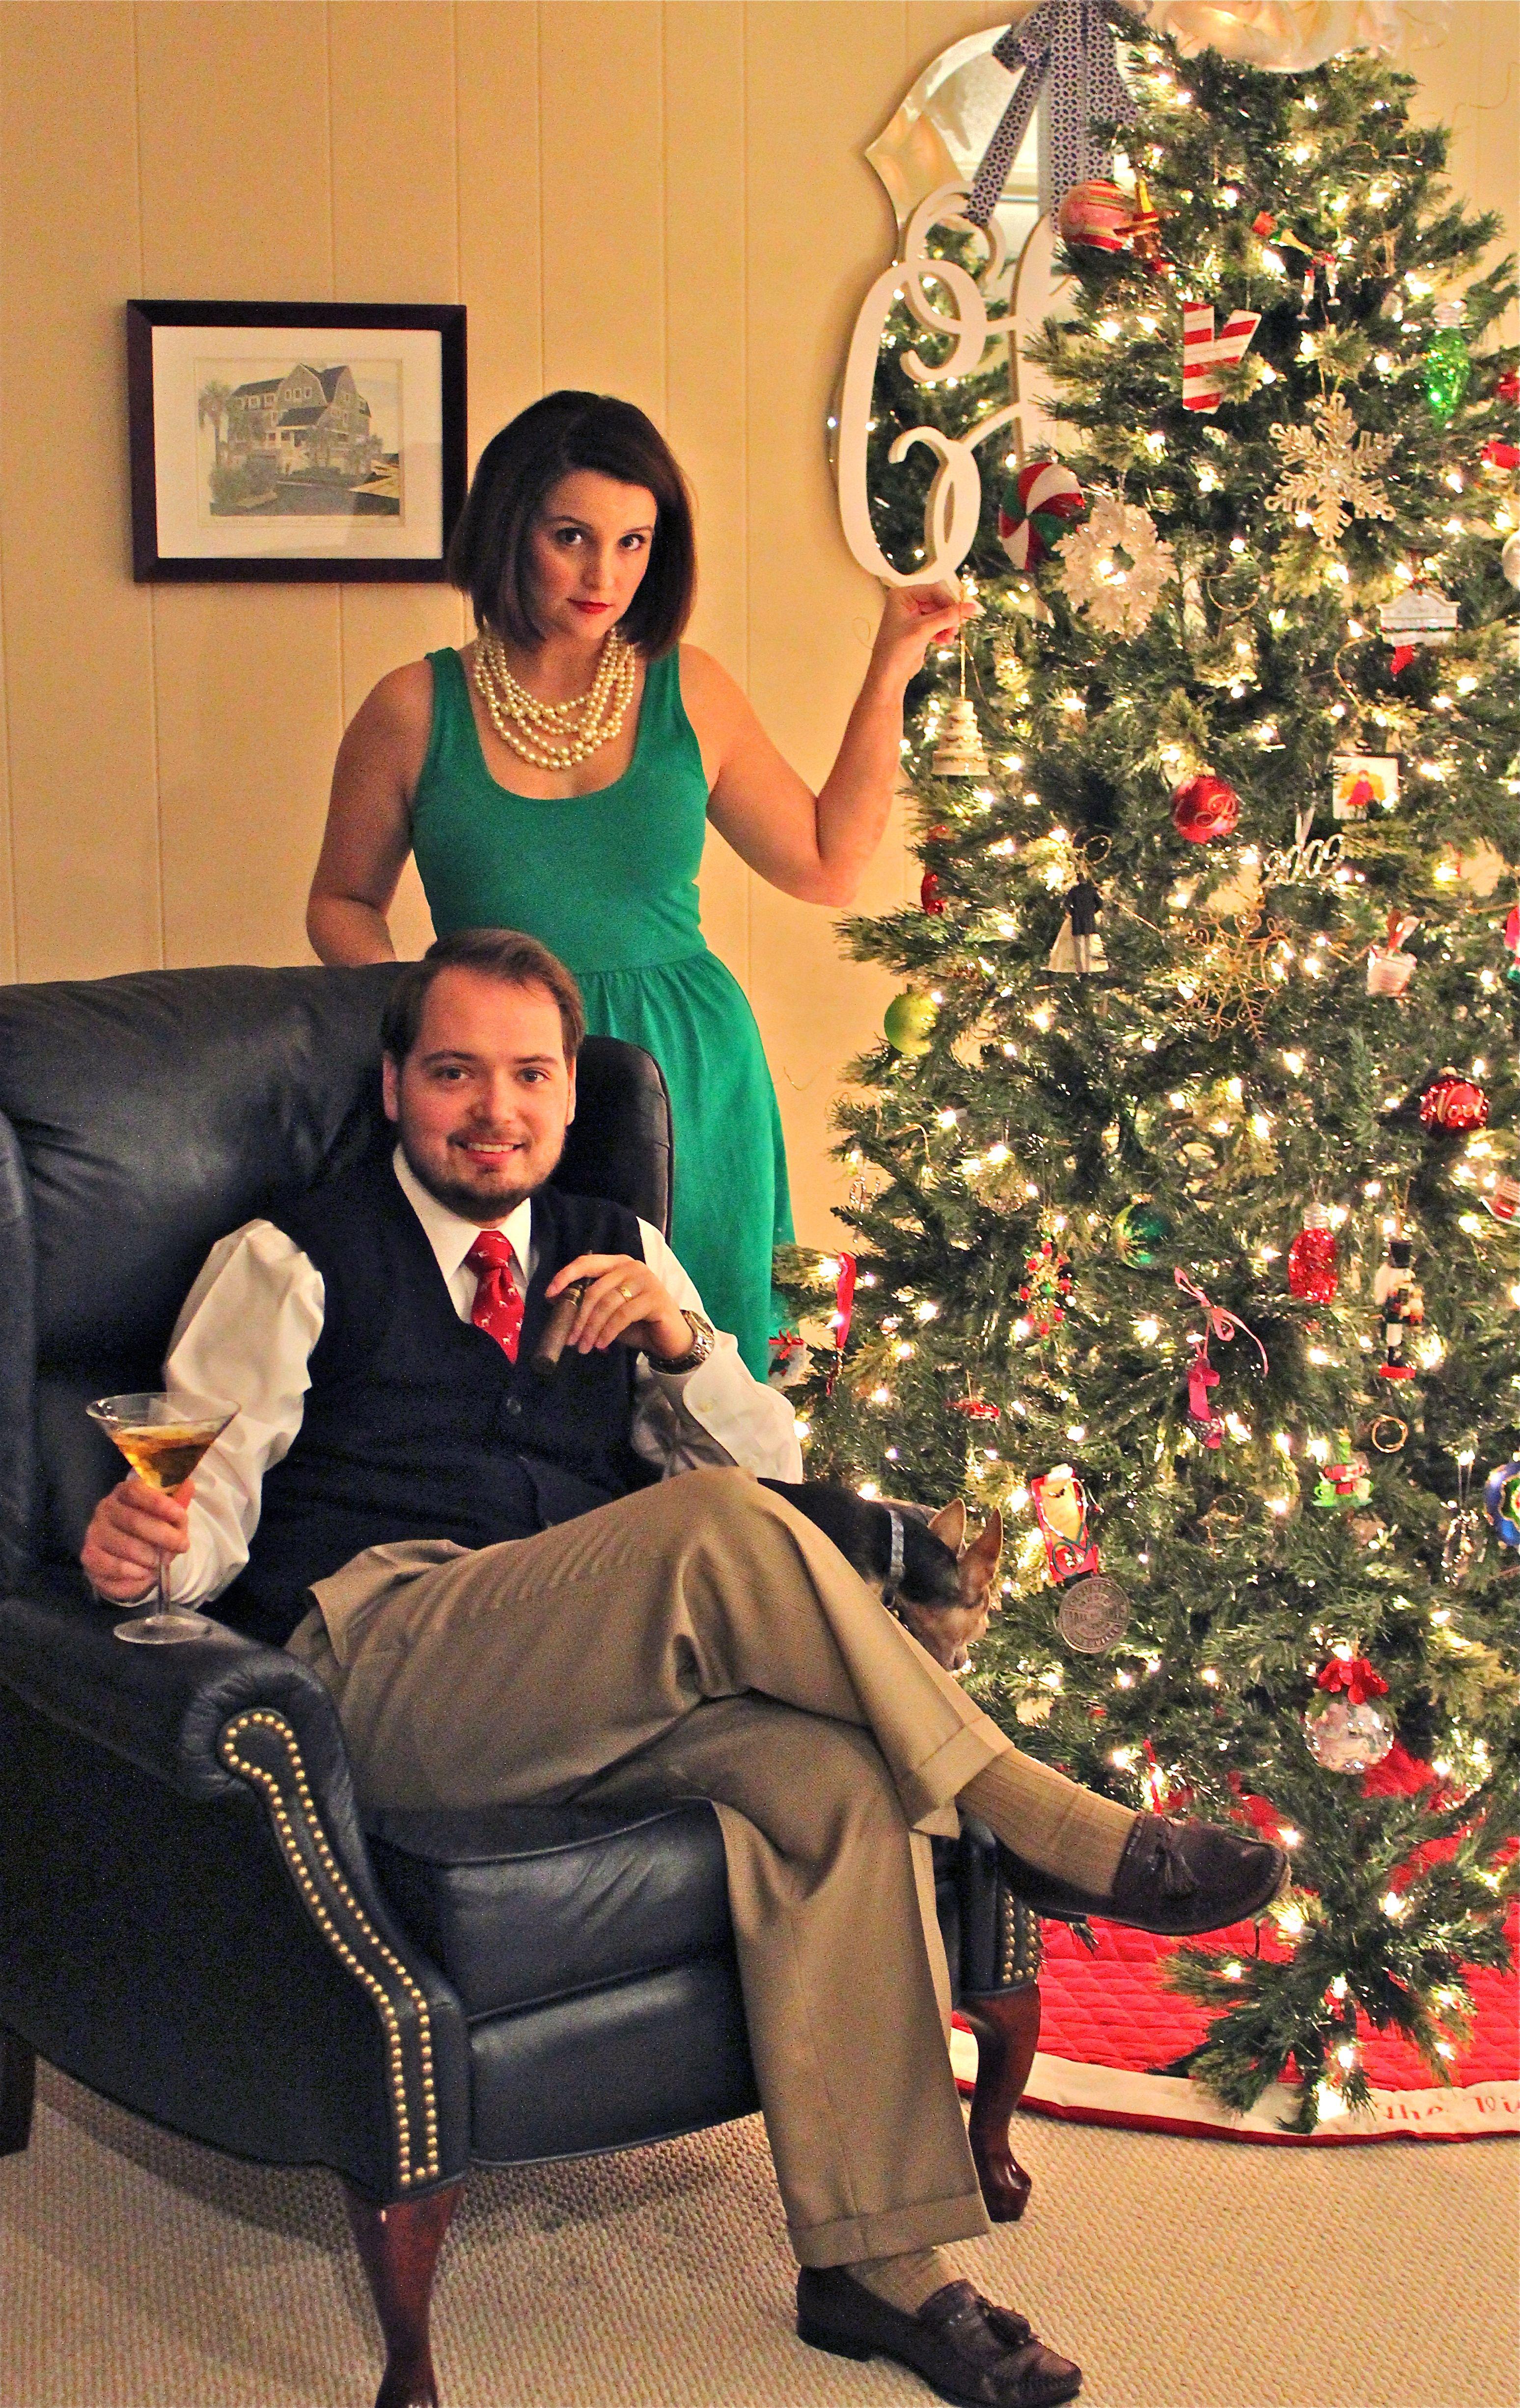 Mad men christmas card couple christmas card idea